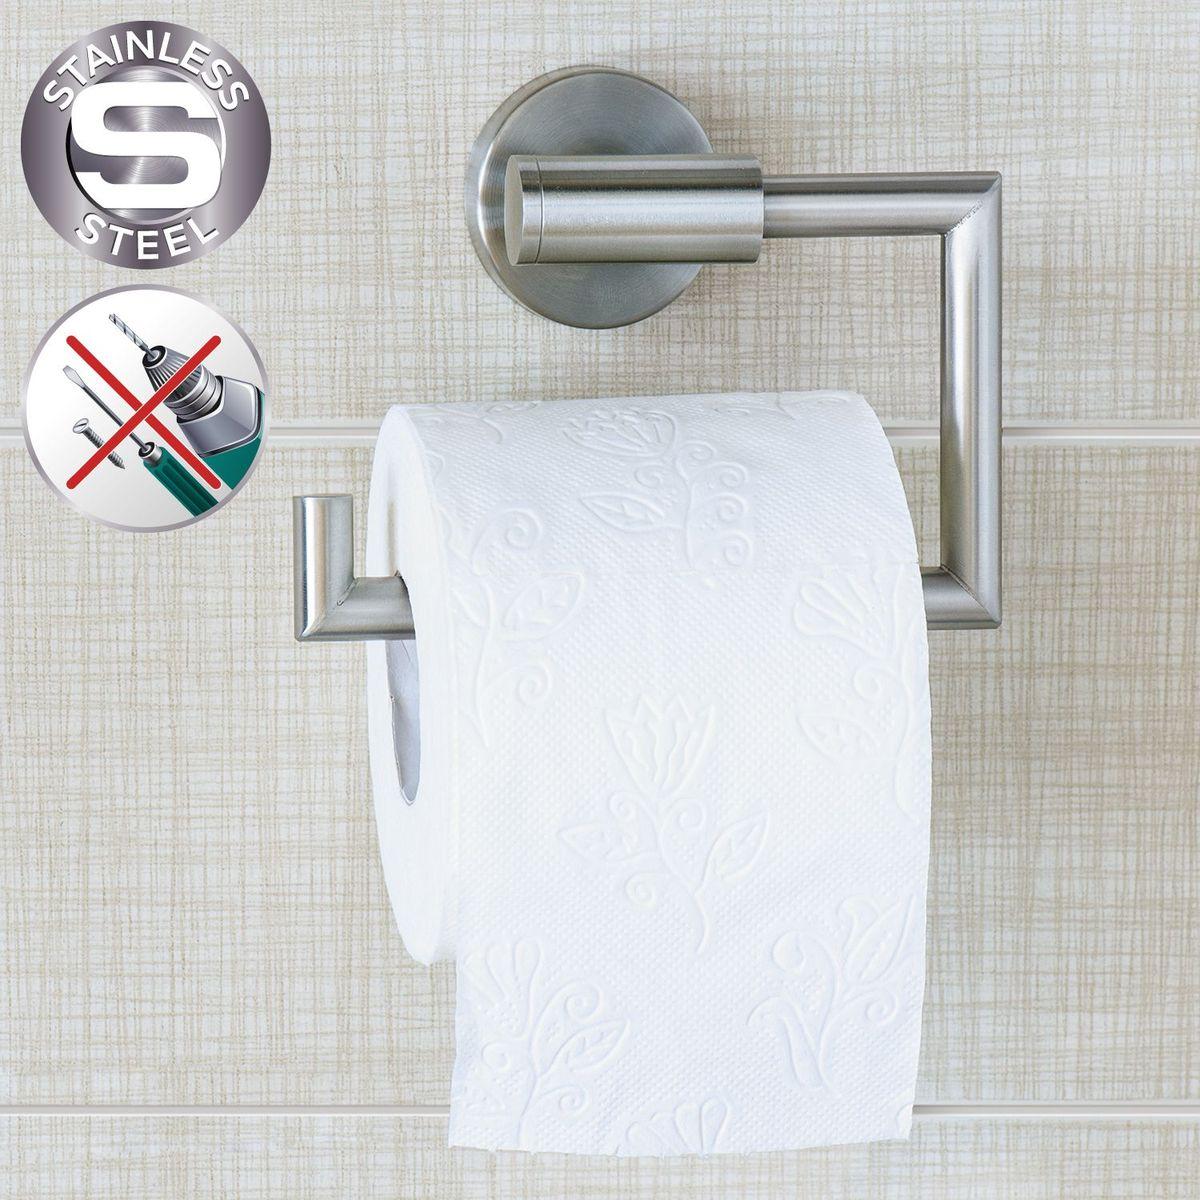 """Держатель для туалетной бумаги Wonder Worker """"Hold"""" выполнен из нержавеющей стали. Он крепится на шурупы или на клей.Размер: 15,5 x 13,5 x 5,4 см."""